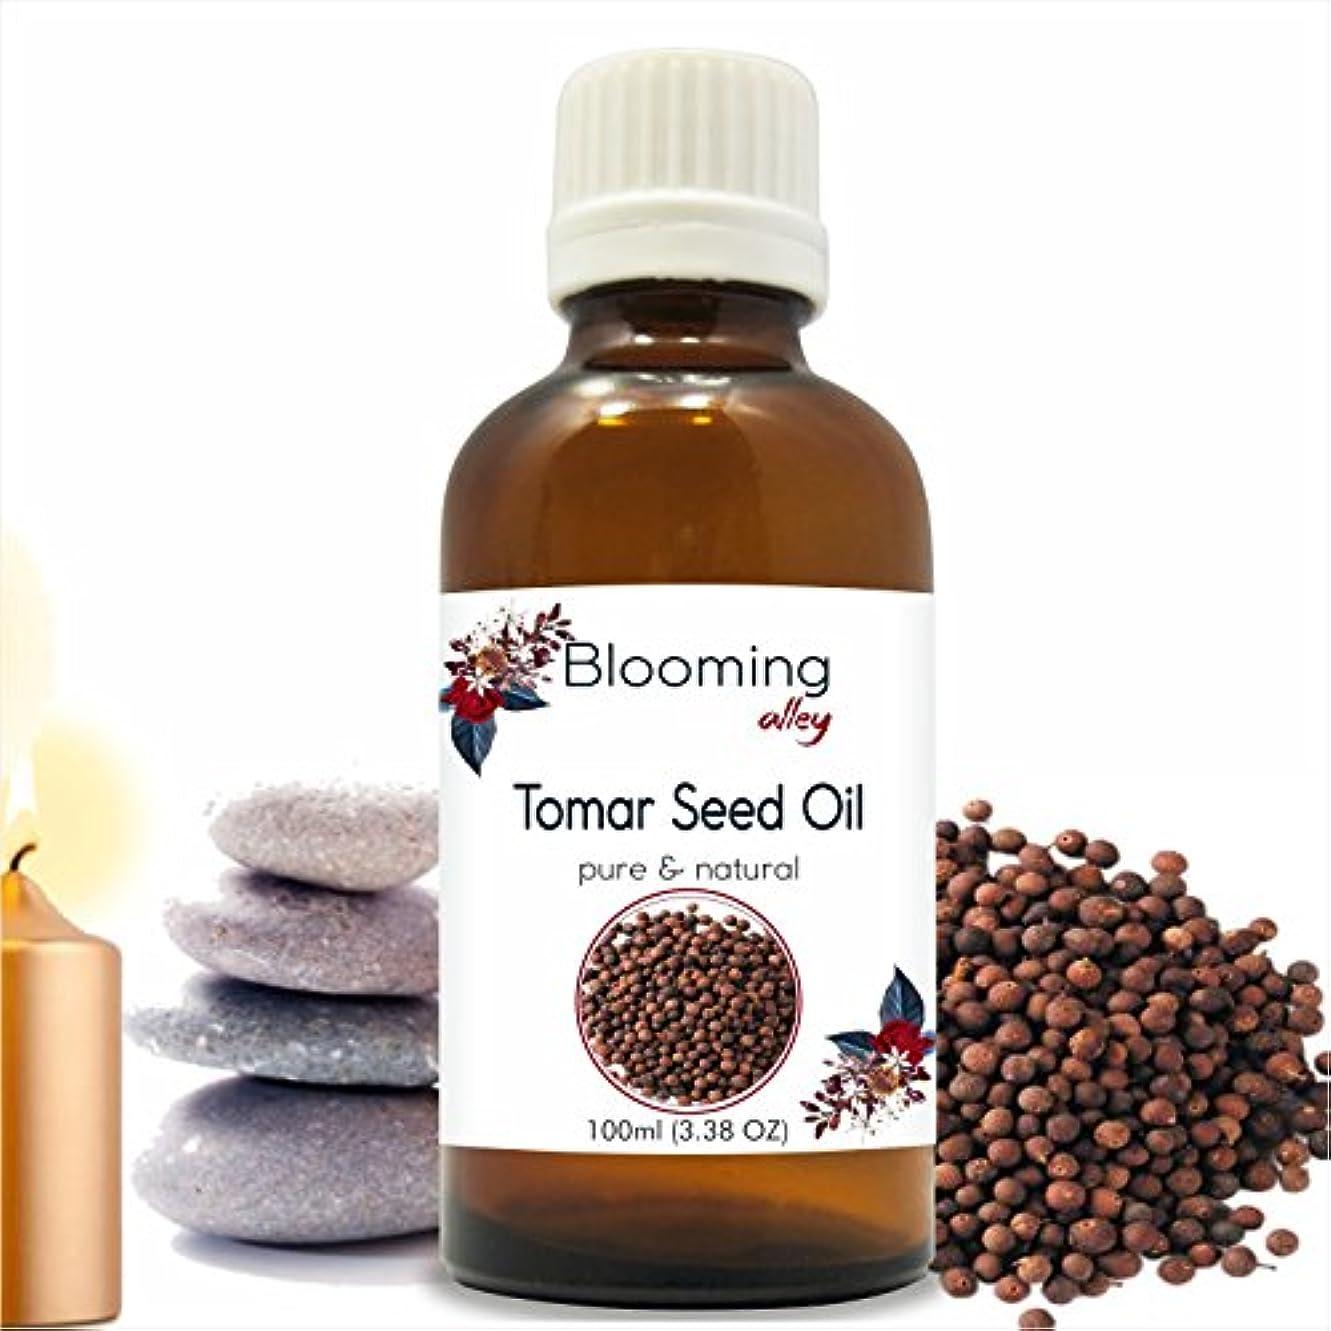 評議会スコットランド人財産Tomarseed Oil(Zanthozylum Armathum) Essential Oil 100 ml or 3.38 Fl Oz by Blooming Alley